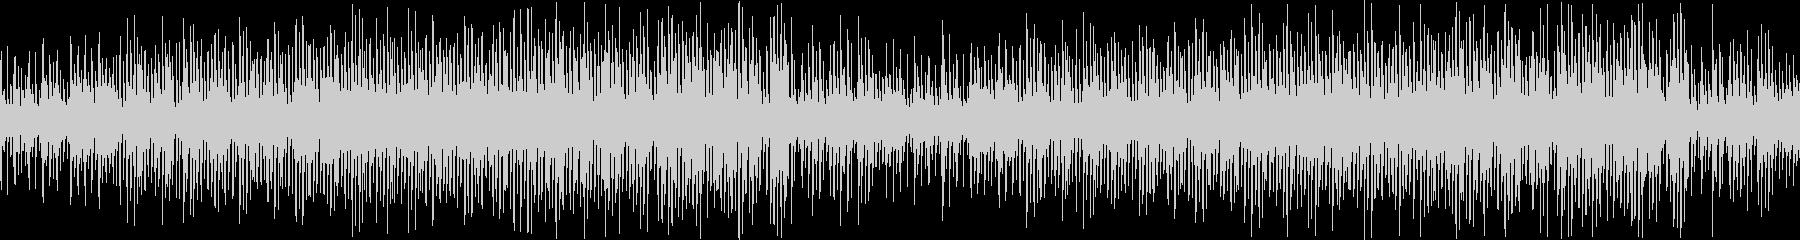 口笛ほのぼのアコースティックサウンドの未再生の波形